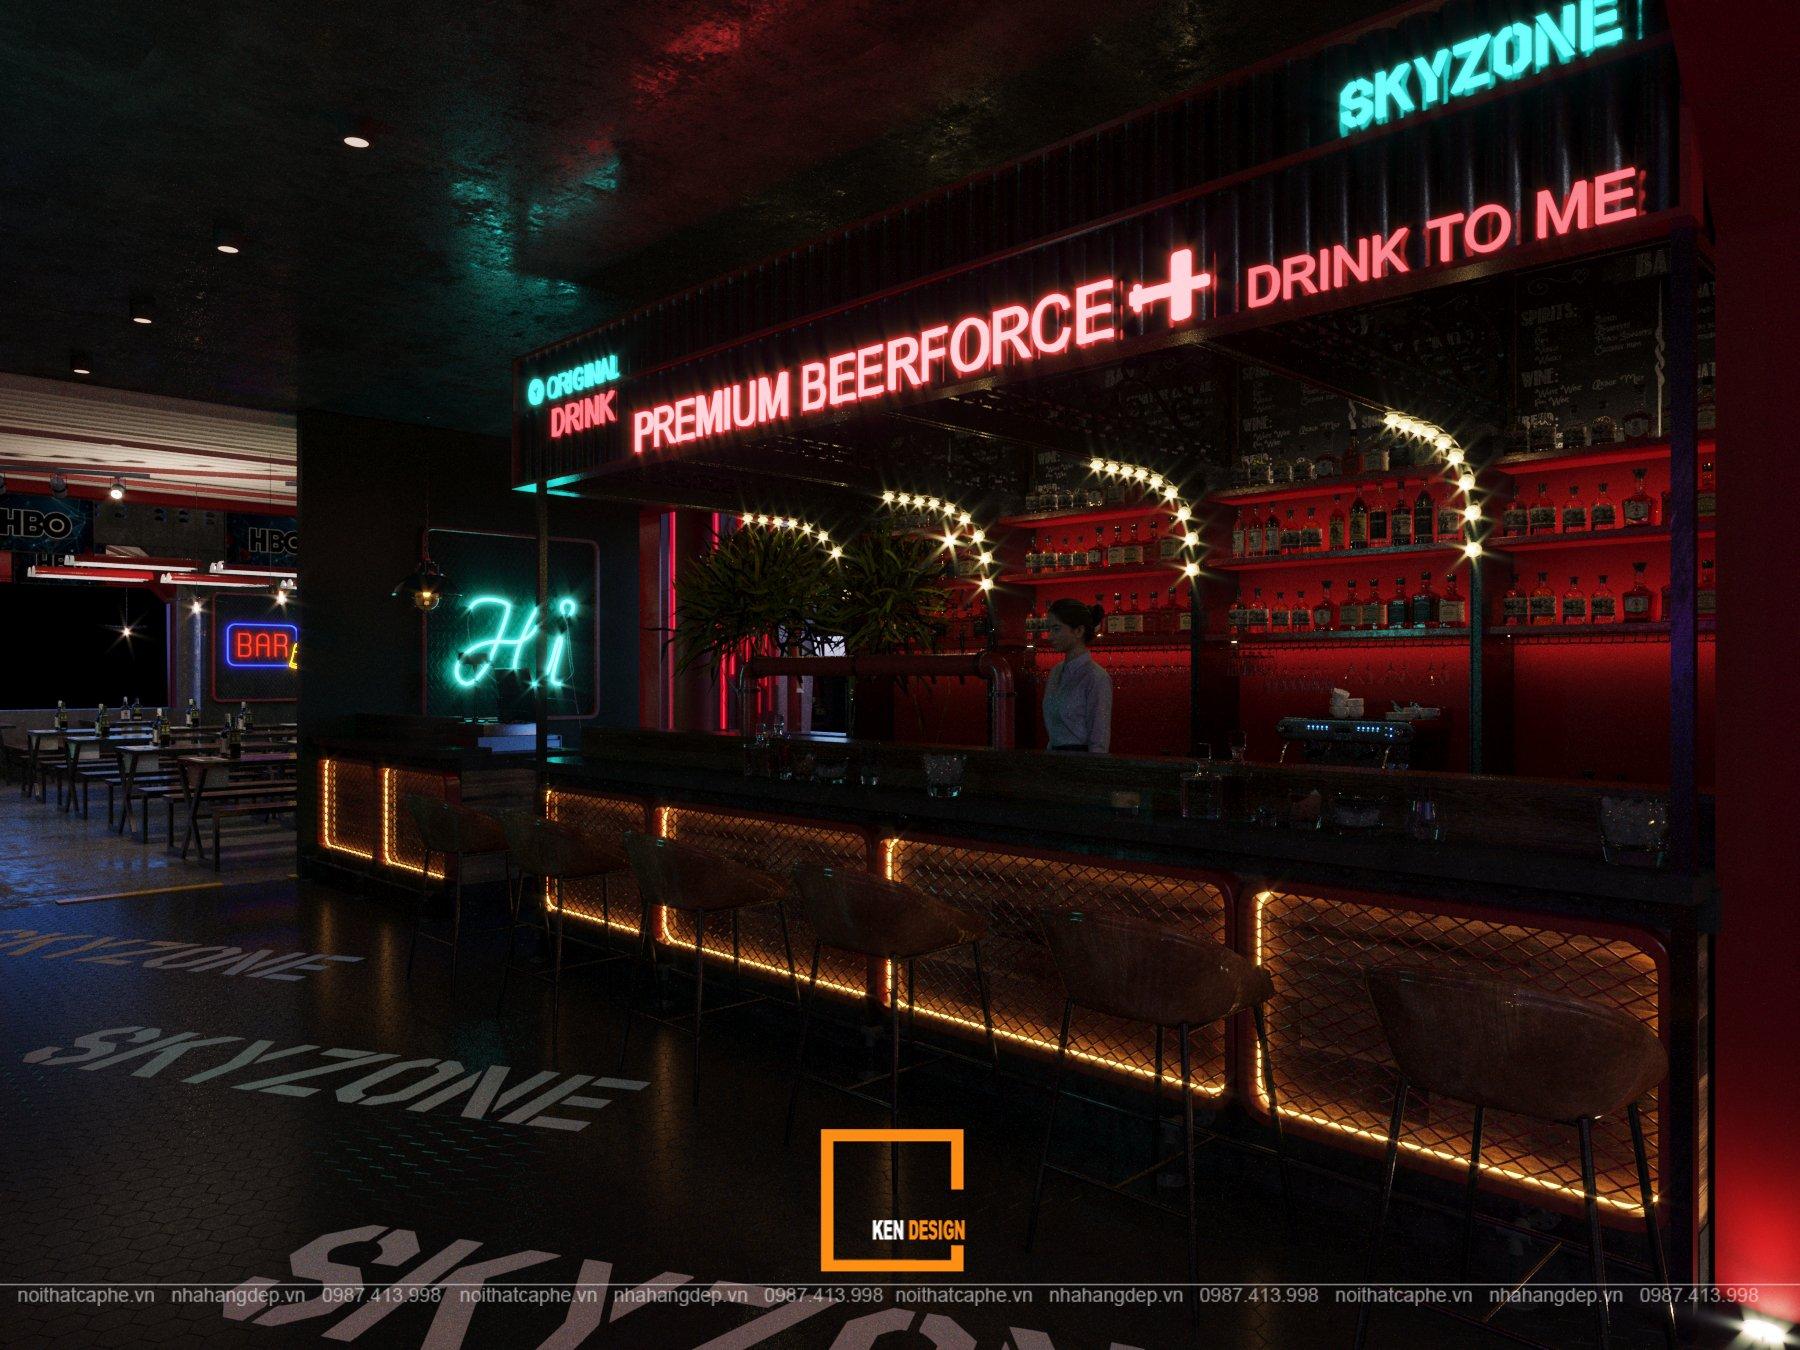 Thiet Ke Beer Club Skyzone 05